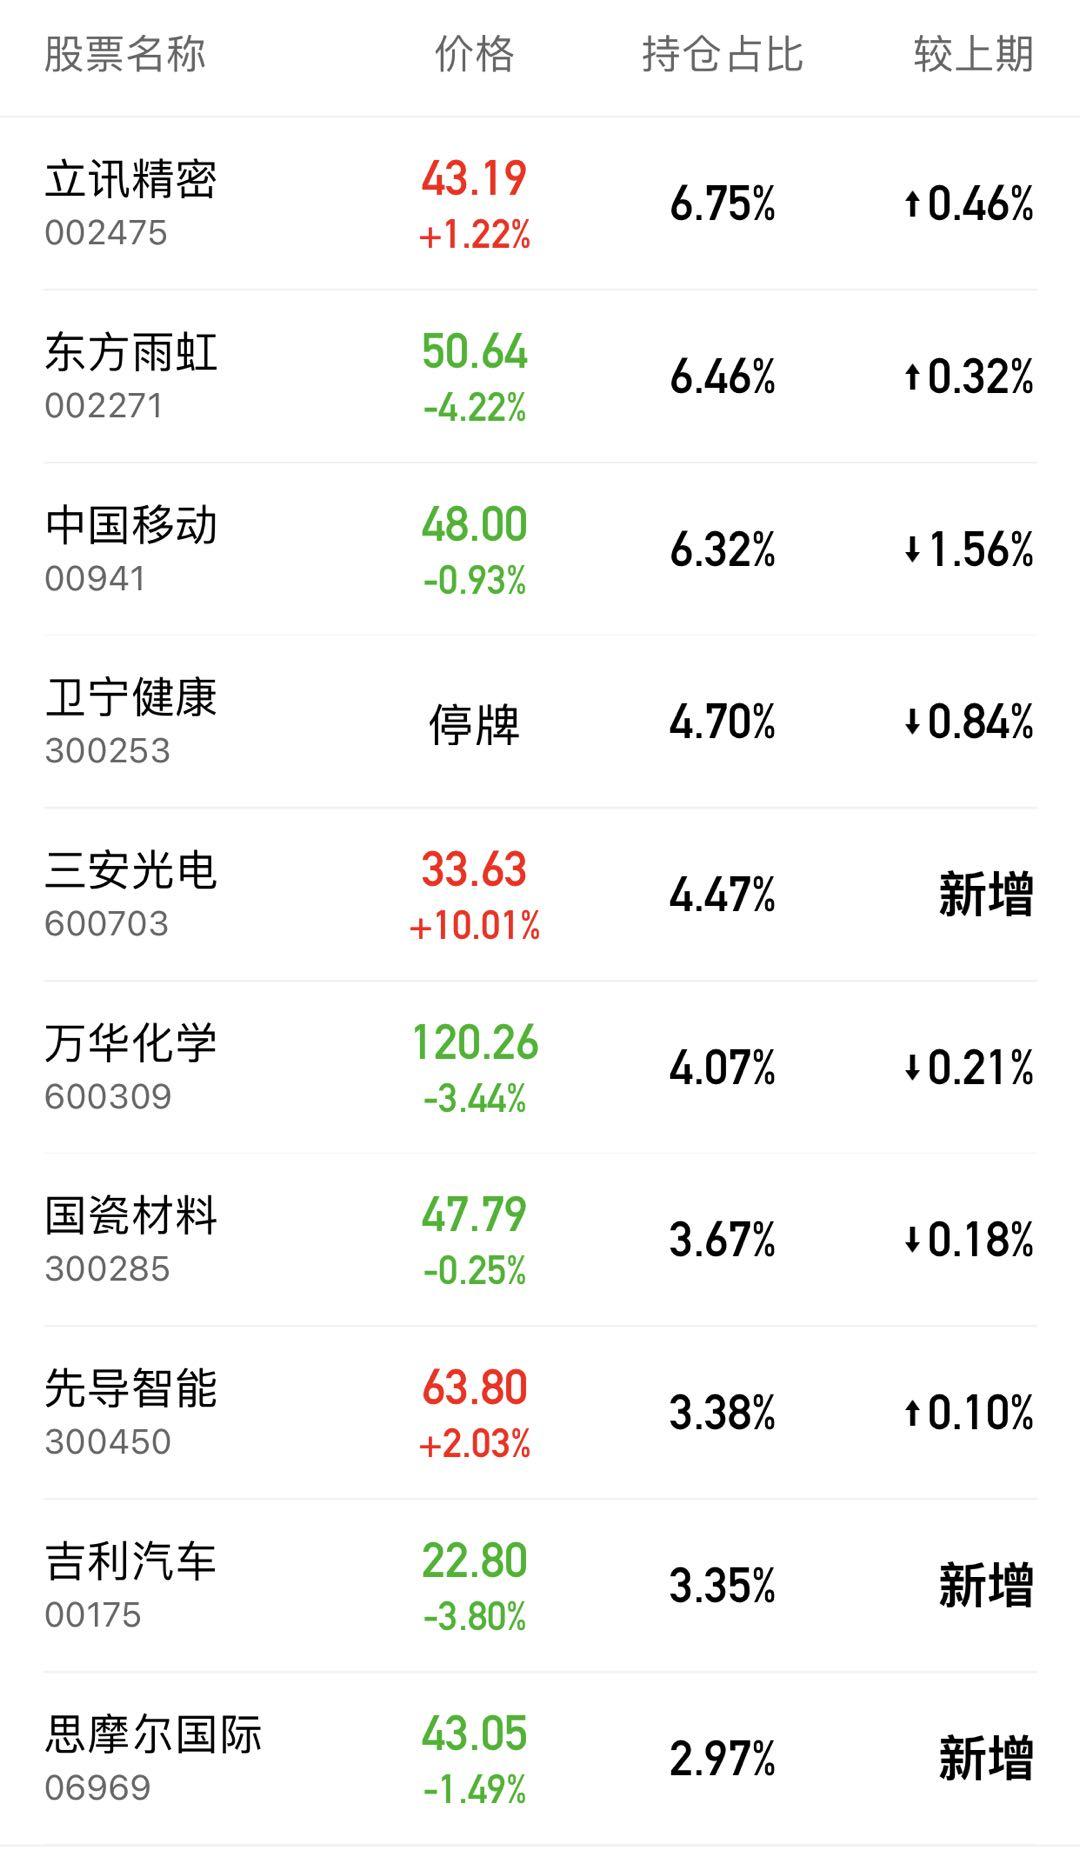 睿远成长价值二季报前十大重仓股,来源:天天基金网